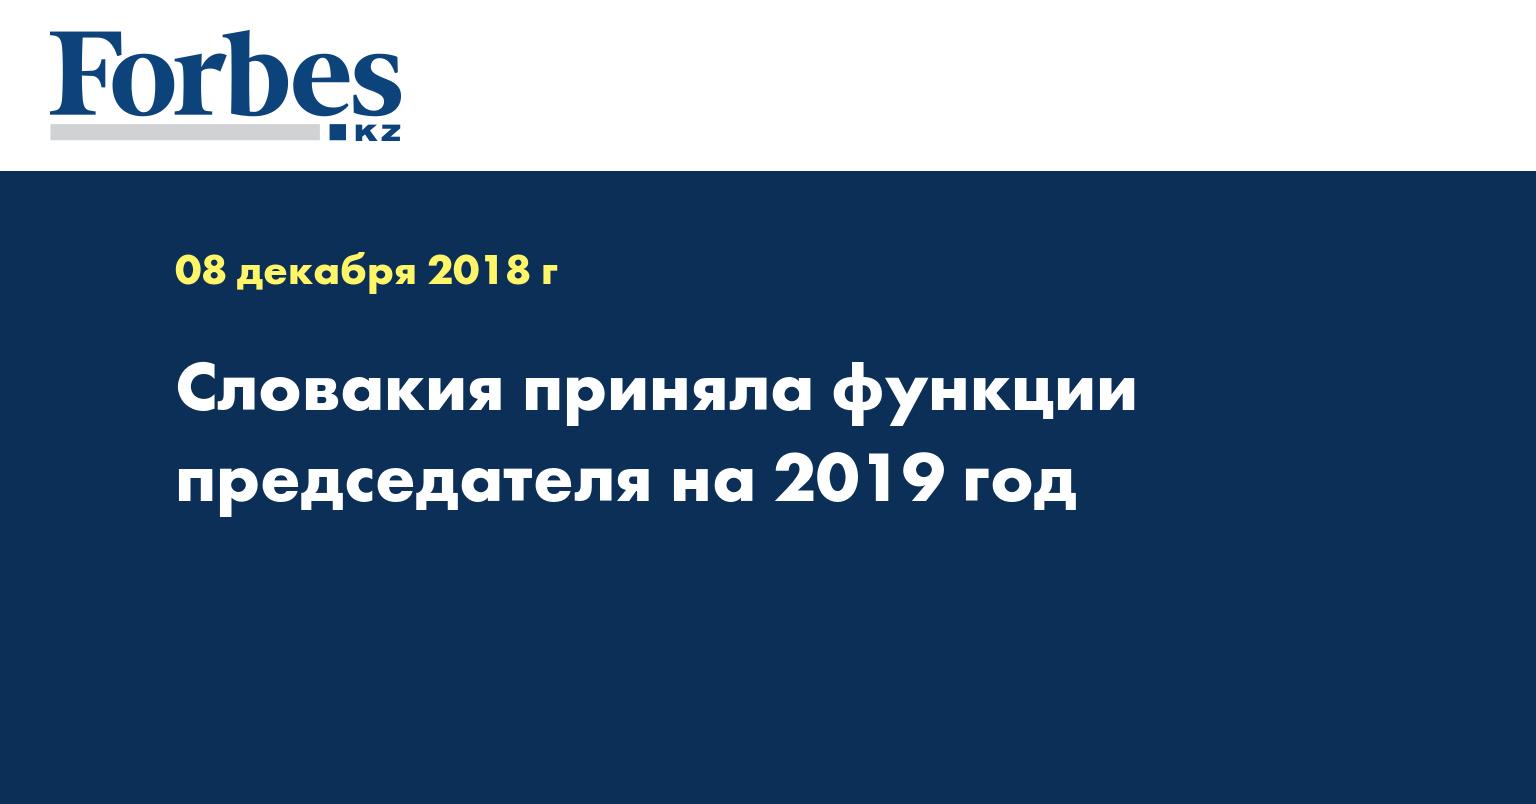 Словакия приняла функции председателя на 2019 год